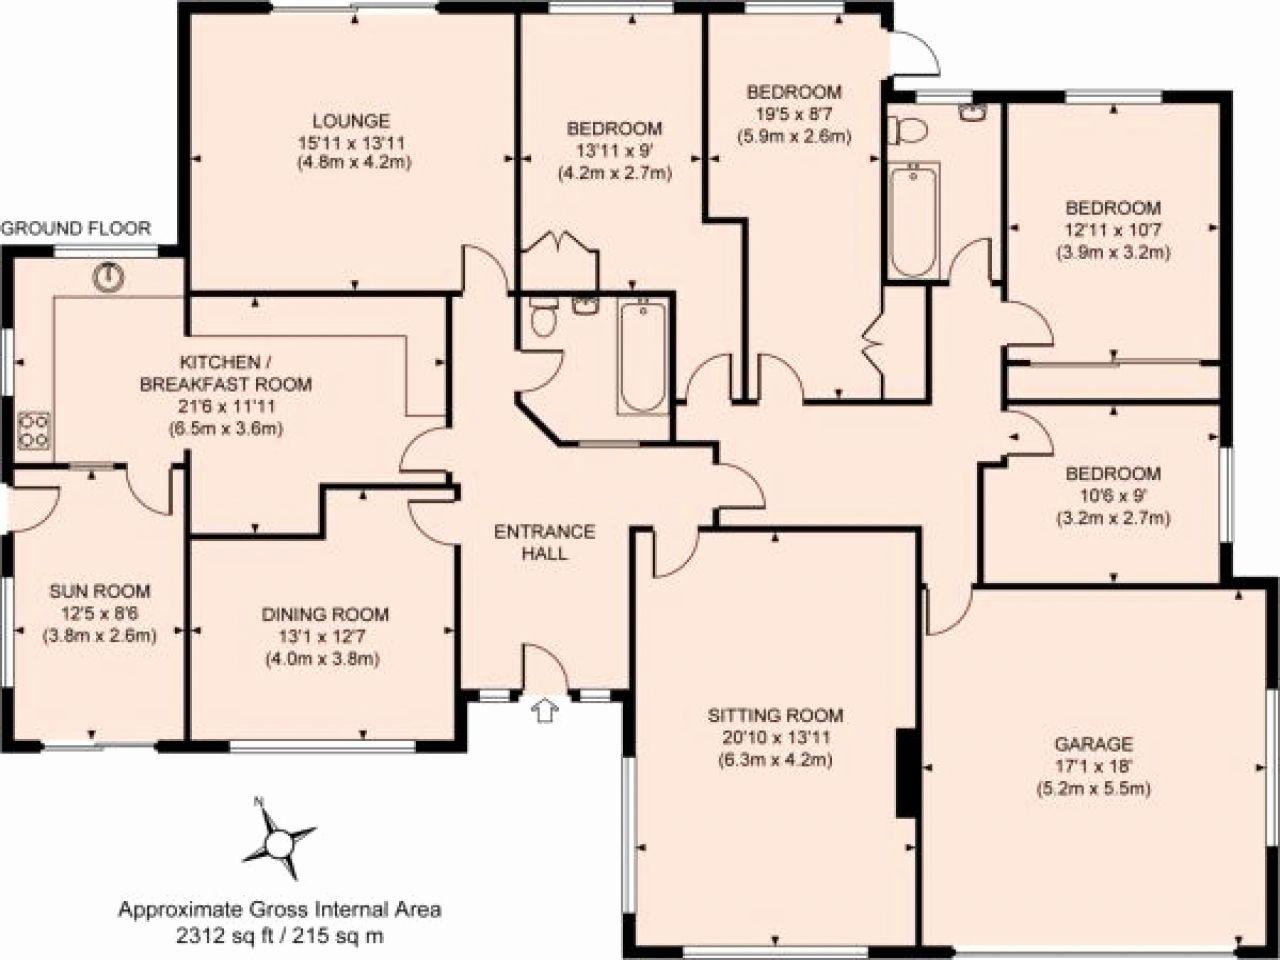 Floor Plans For 4 Bedroom Houses Bungalow Floor Plans House Plans Uk Bungalow House Plans